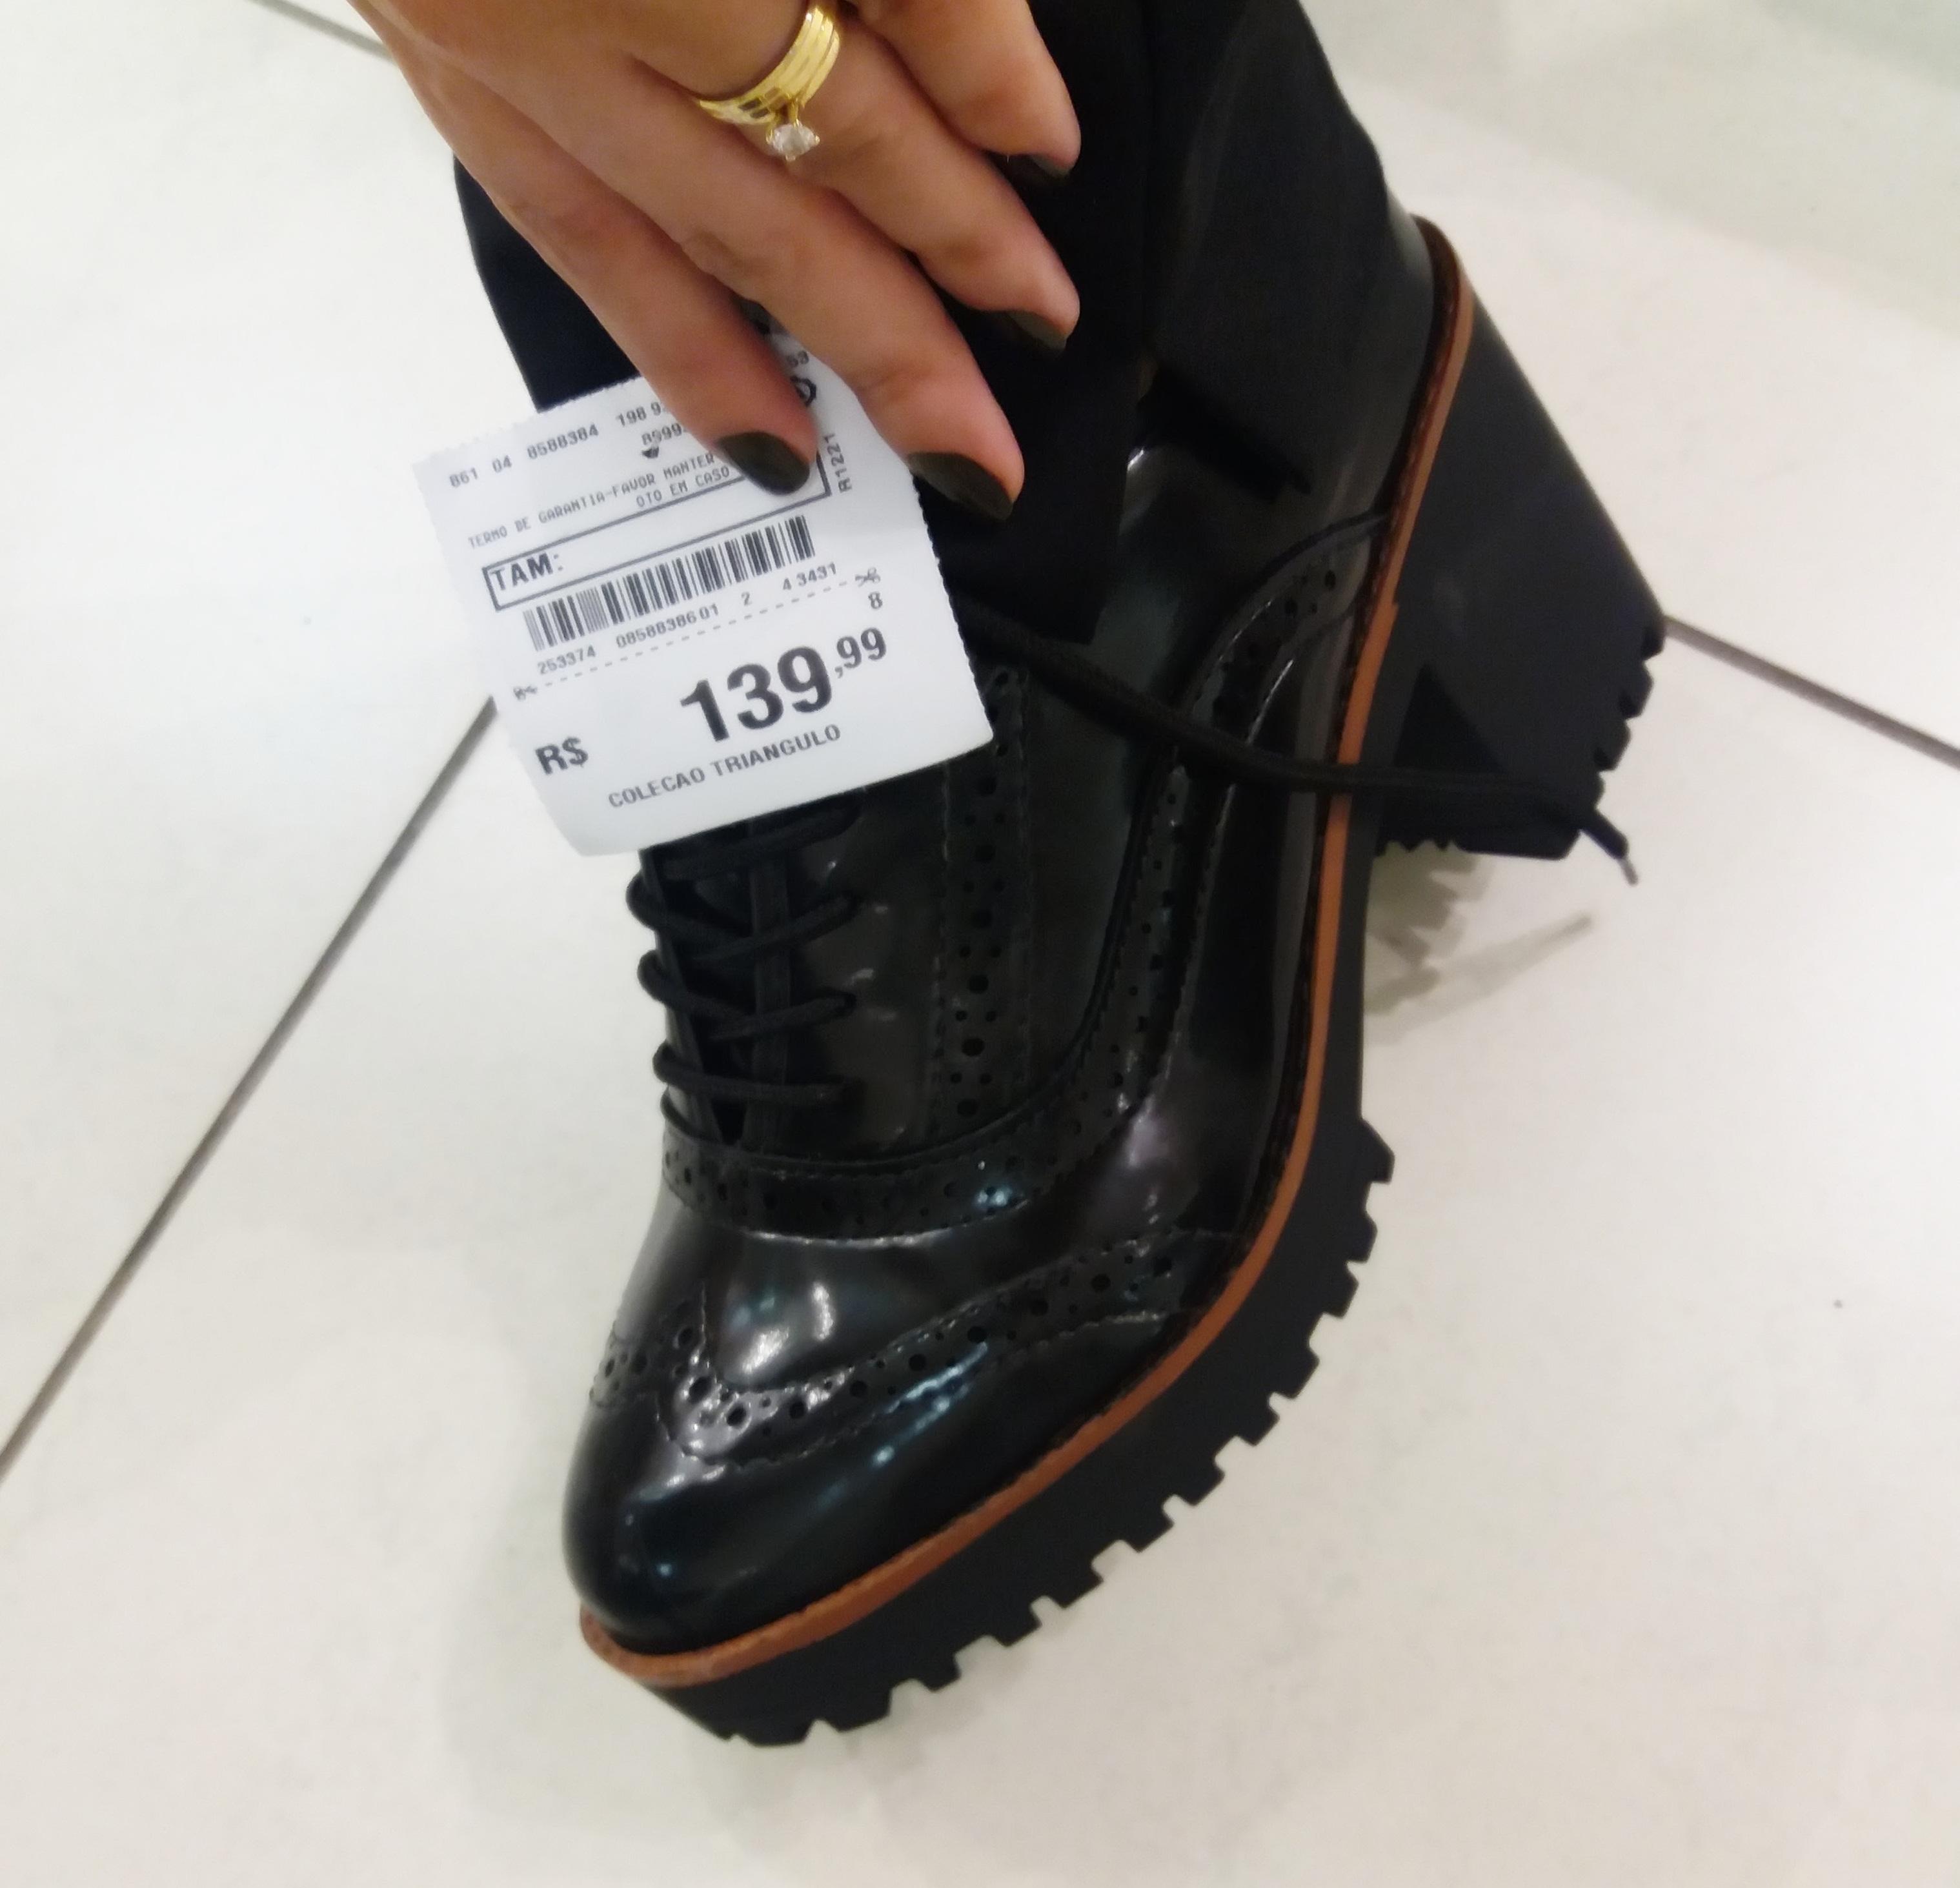 20170310_122248 Moda de rua: Onde encontrar o sapato Oxford forte tendencia de inverno 2017!